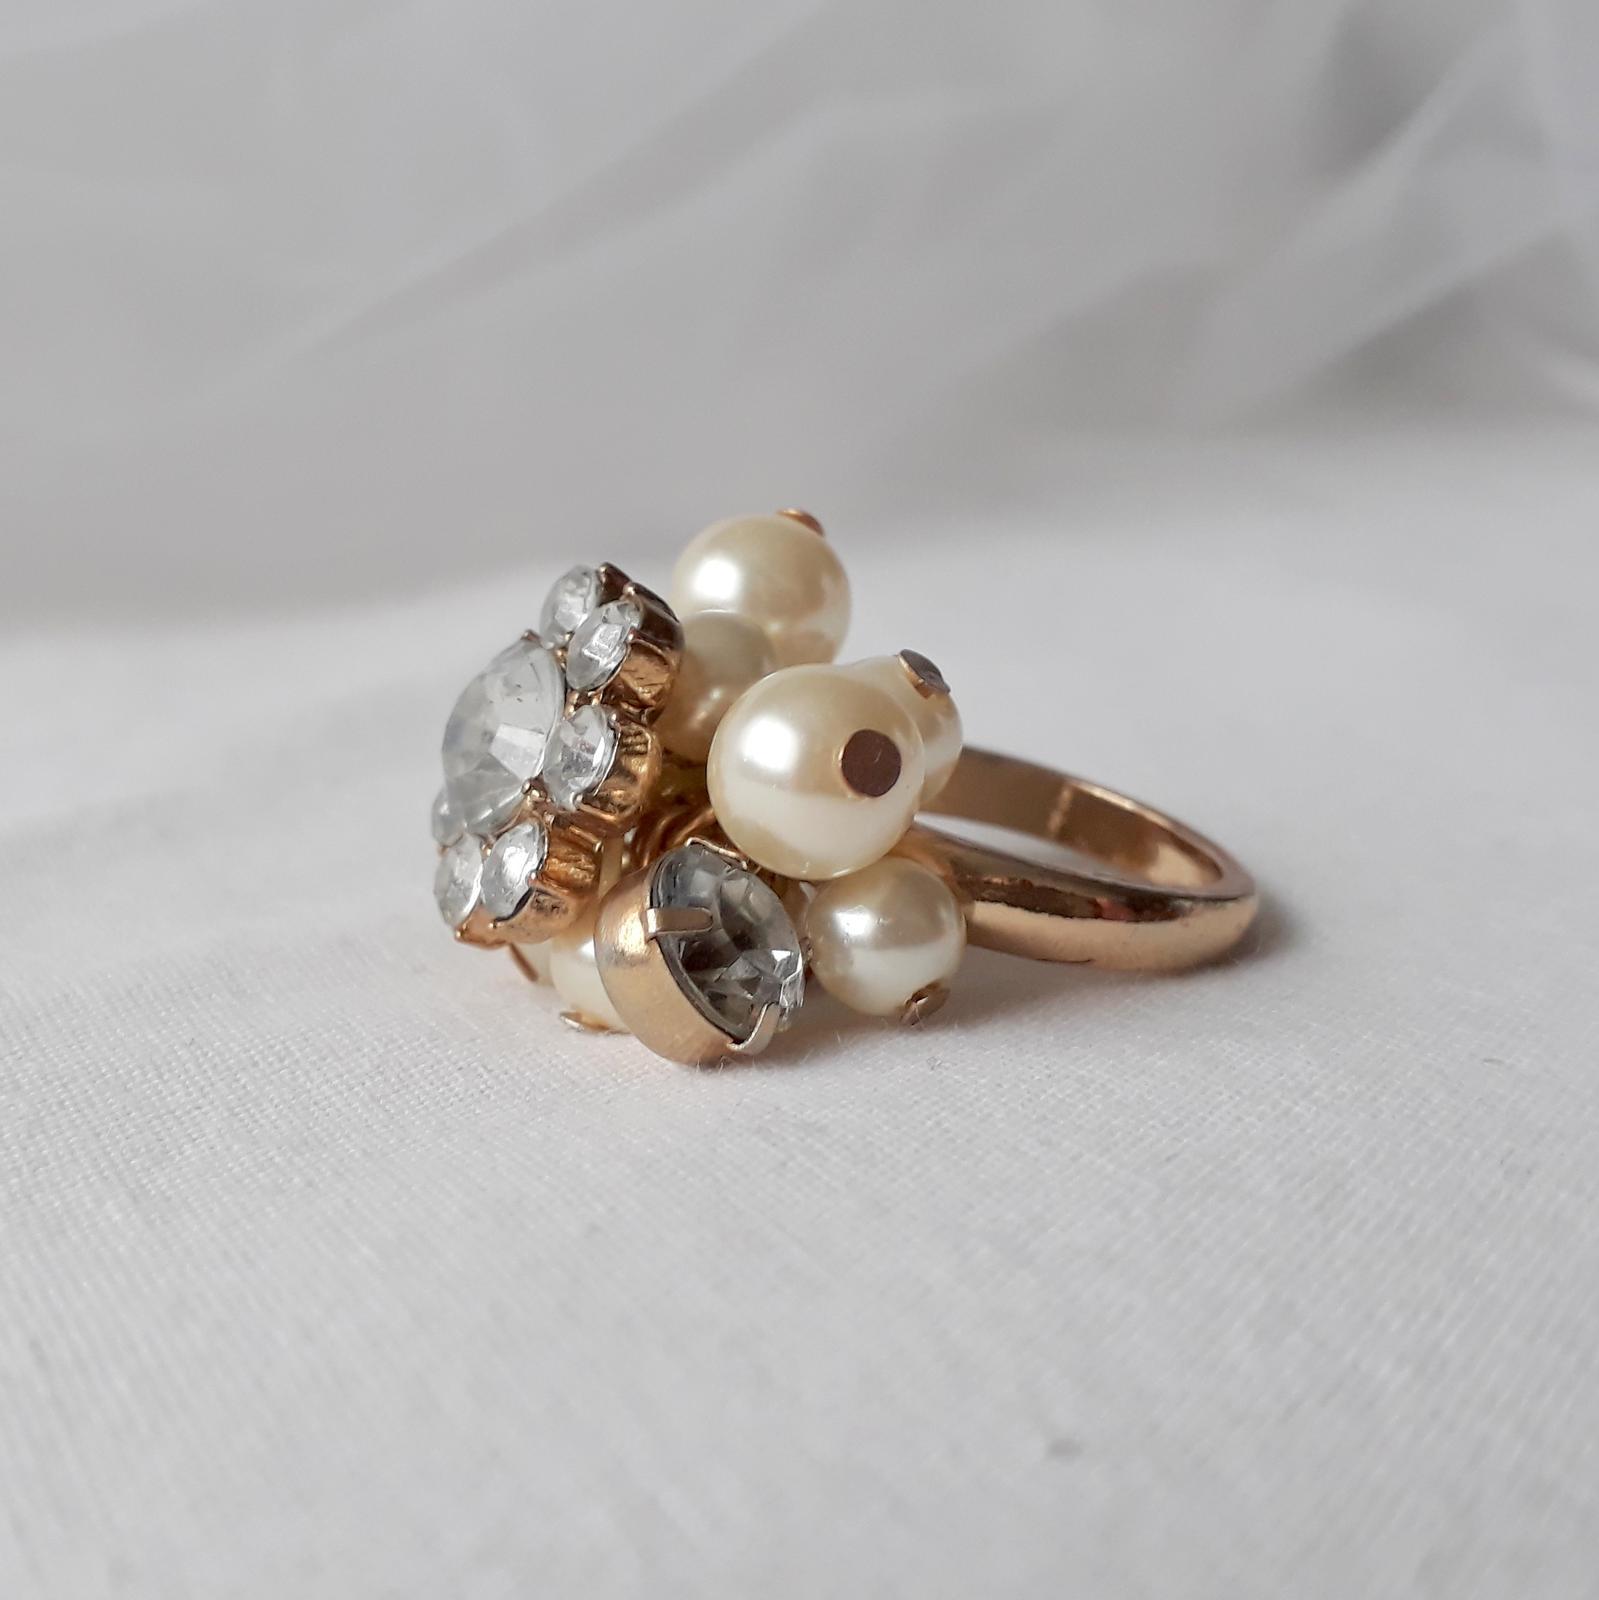 Zlatý prstýnek s perličkami - Obrázek č. 1